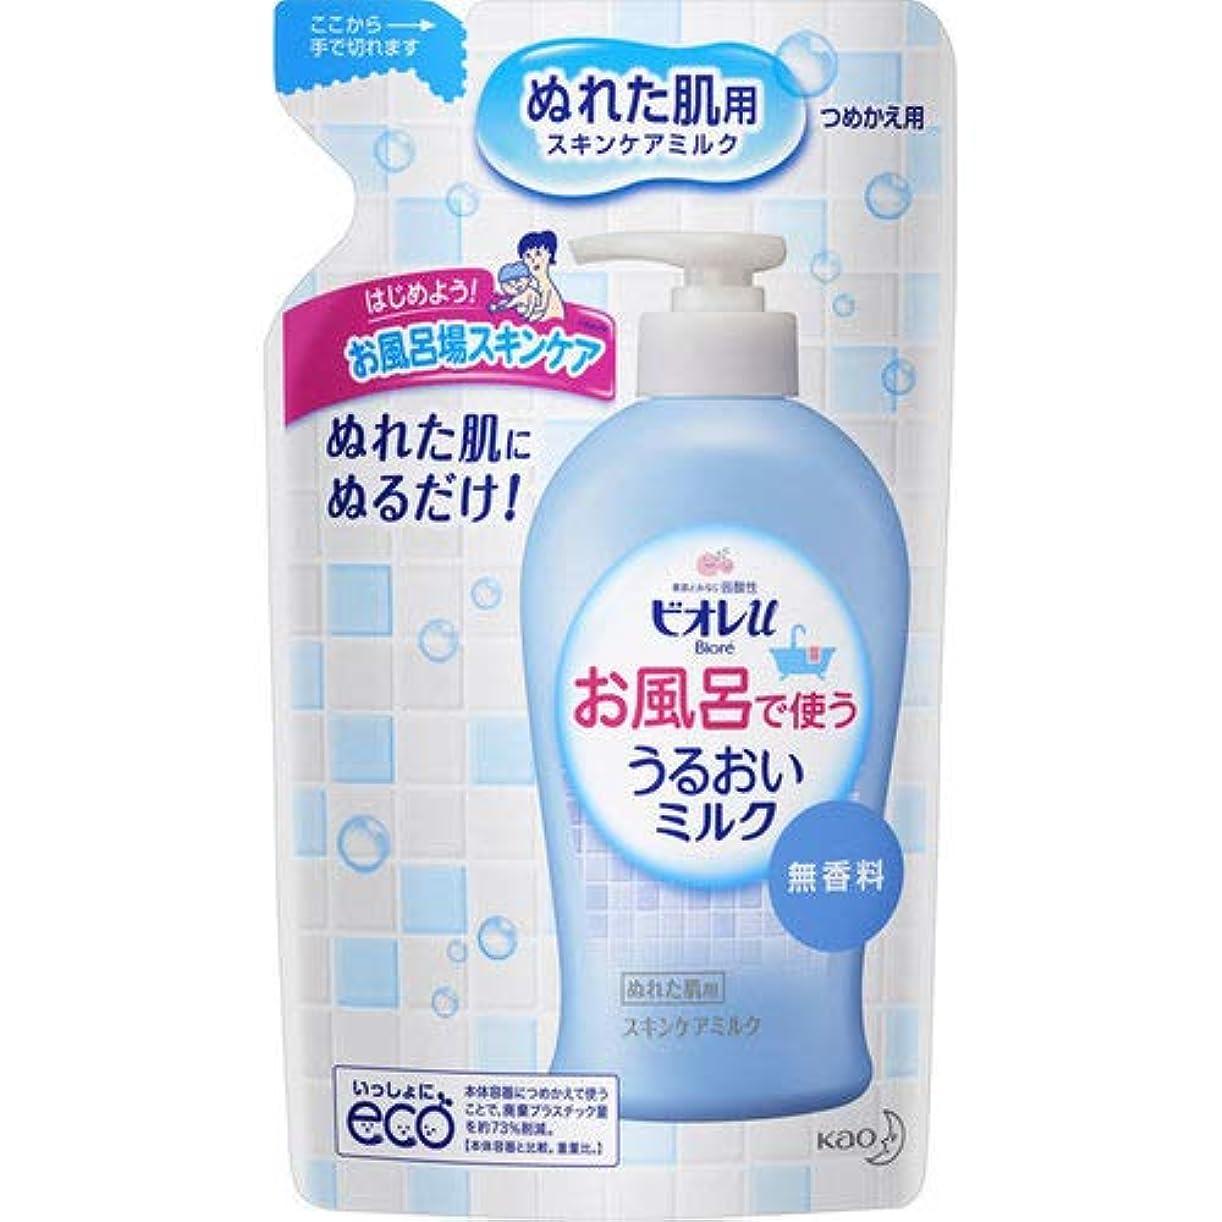 白雪姫クラシカル中世のビオレu お風呂で使ううるおいミルク 無香料 つめかえ用 250mL